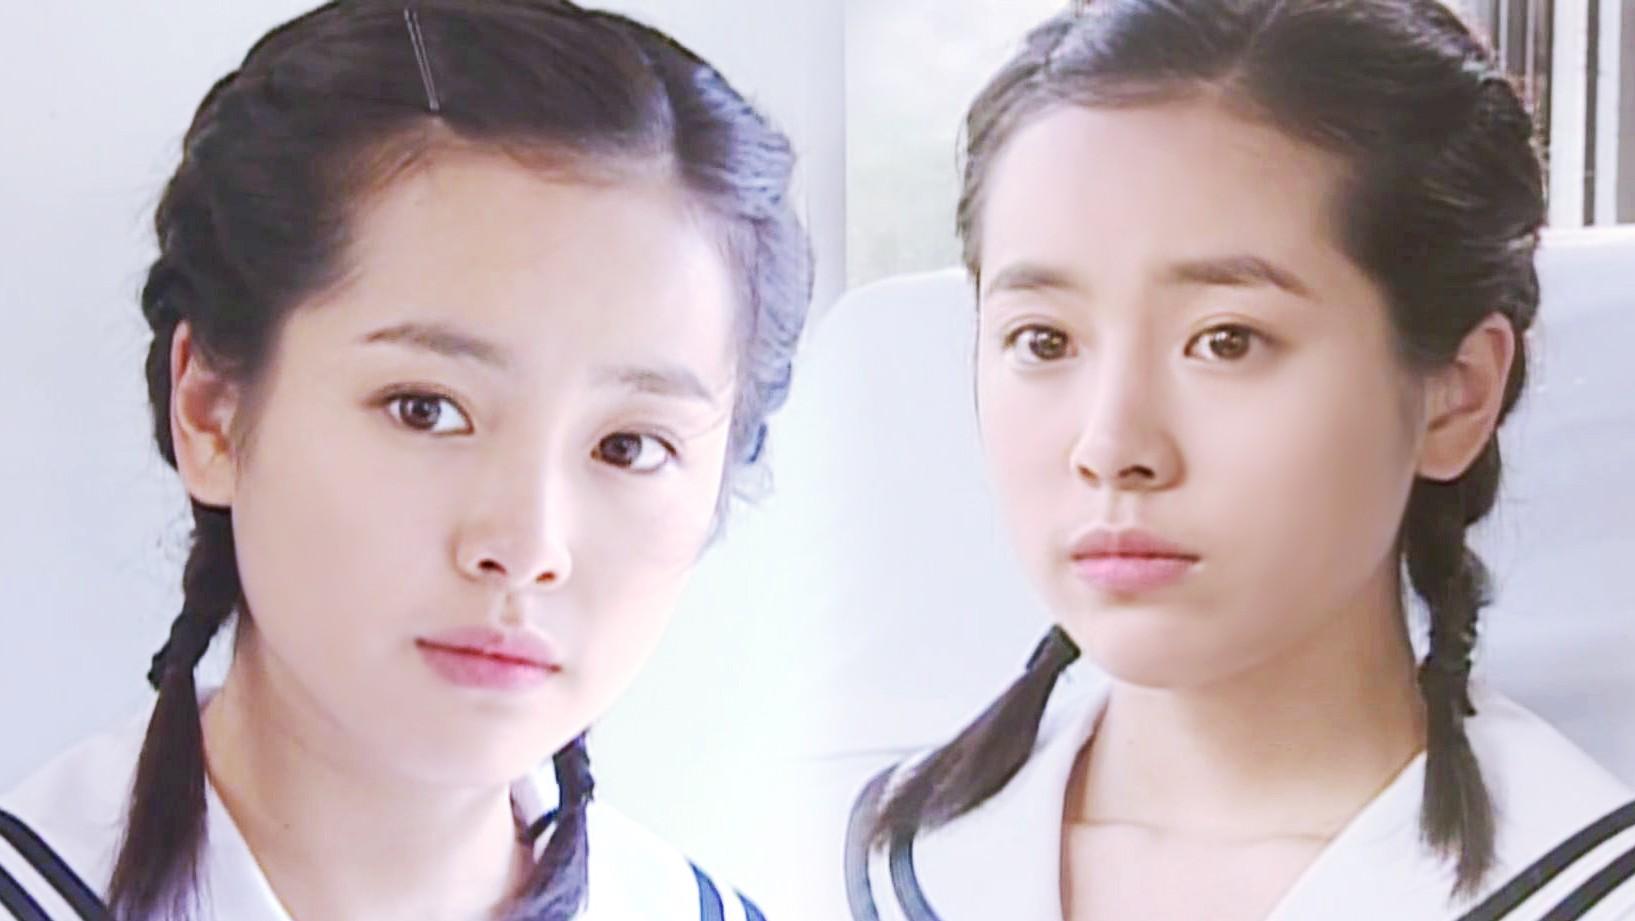 Nhìn vai diễn cách đây 14 năm của Song Hye Kyo và Han Ji Min, không ai nghĩ họ chỉ hơn nhau 1 tuổi - Ảnh 4.